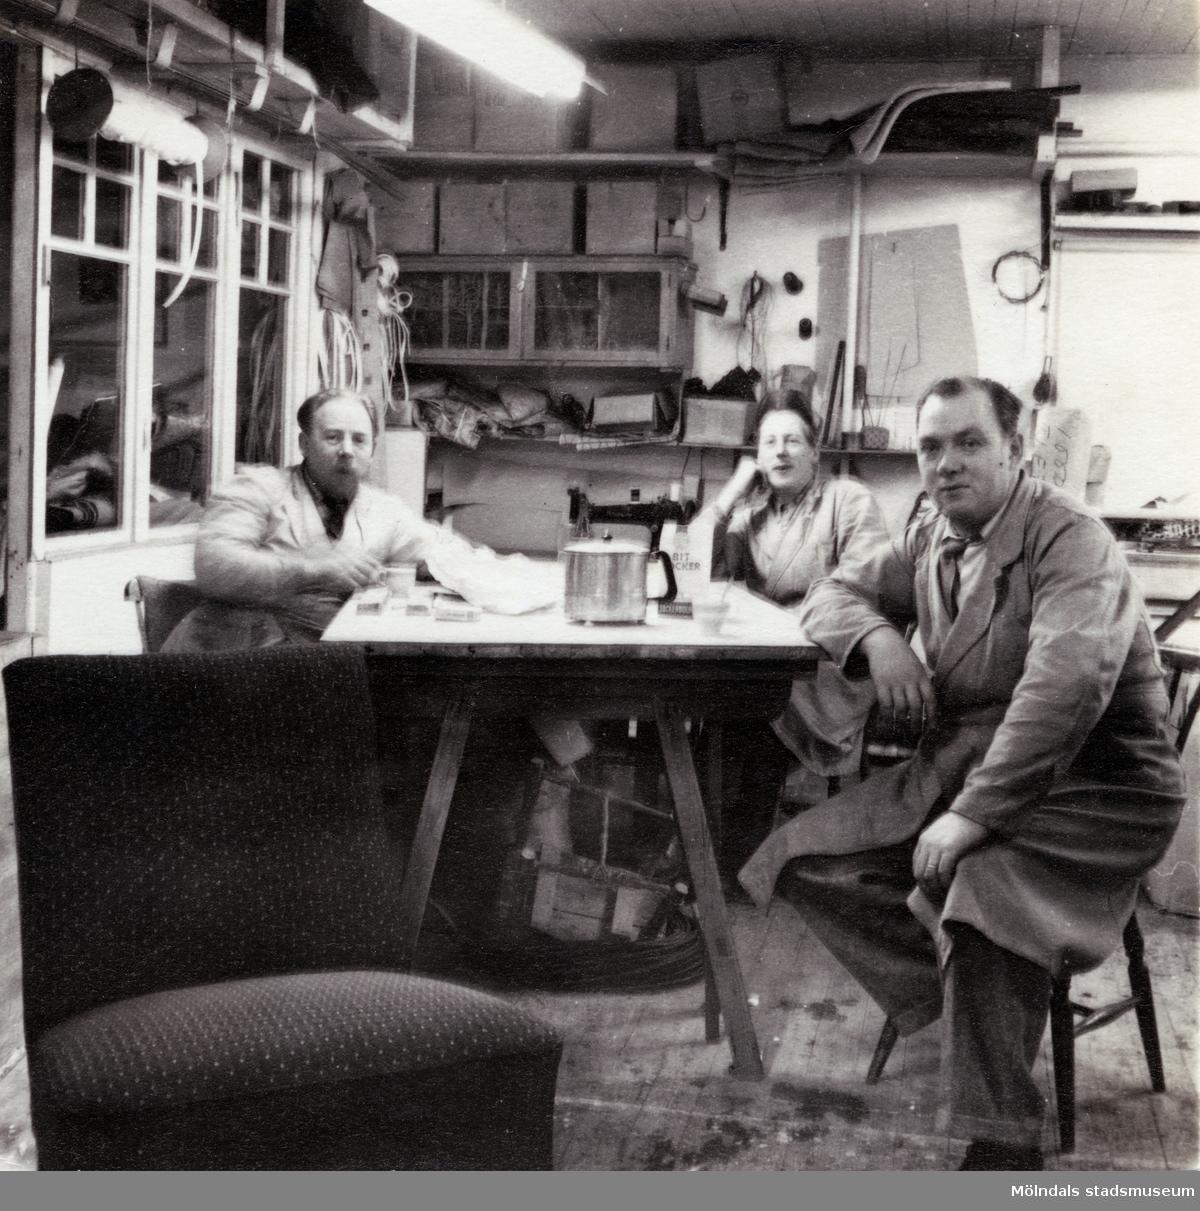 Kållereds Fåtöljindustri vid Torrekullavägen i Kållered. Bild från fikabordet, troligen från tiden mellan 1956-1962. Från vänster ses Olof Kristoffersson, Olof Johansson och Paul Kristoffersson.  Kållereds Fåtöljindustri (Kåfi) var aktivt från ca 1955-1983. Inledningsvis sittmöbler, men övervägande tillverkning av sängar från ca 1959. Ägare var bröderna Olof och Paul Kristoffersson. Verksamheten skedde i hörnet mellan Torrekullavägen och Kungsbackavägen, alldeles nära Mölndalsgränsen.